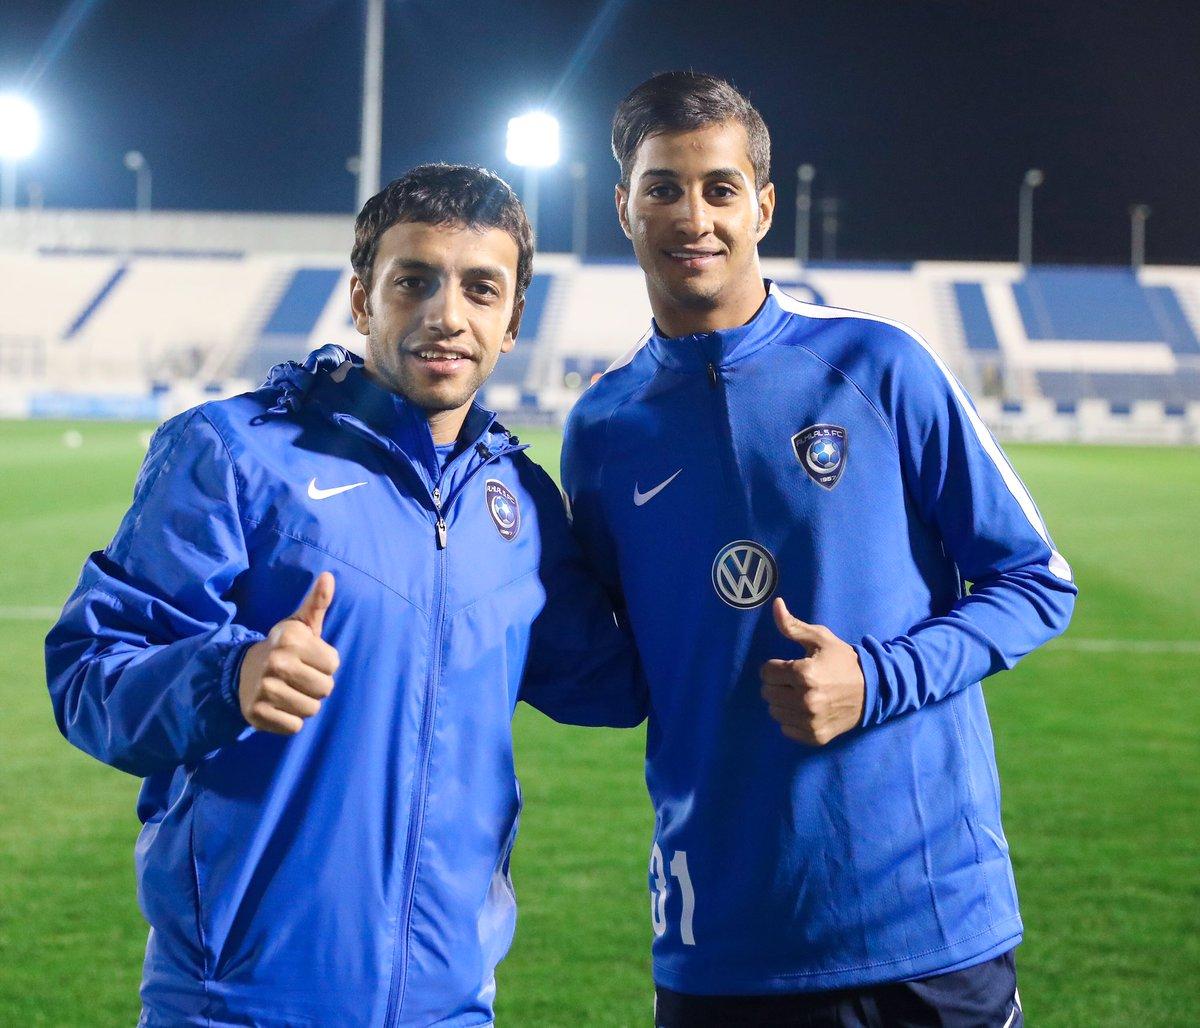 نادي الهلال السعودي on Twitter: صور منوّعة من تدريبات فريق الهلال الأول لكرة القدم مساء اليوم الجمعة.…